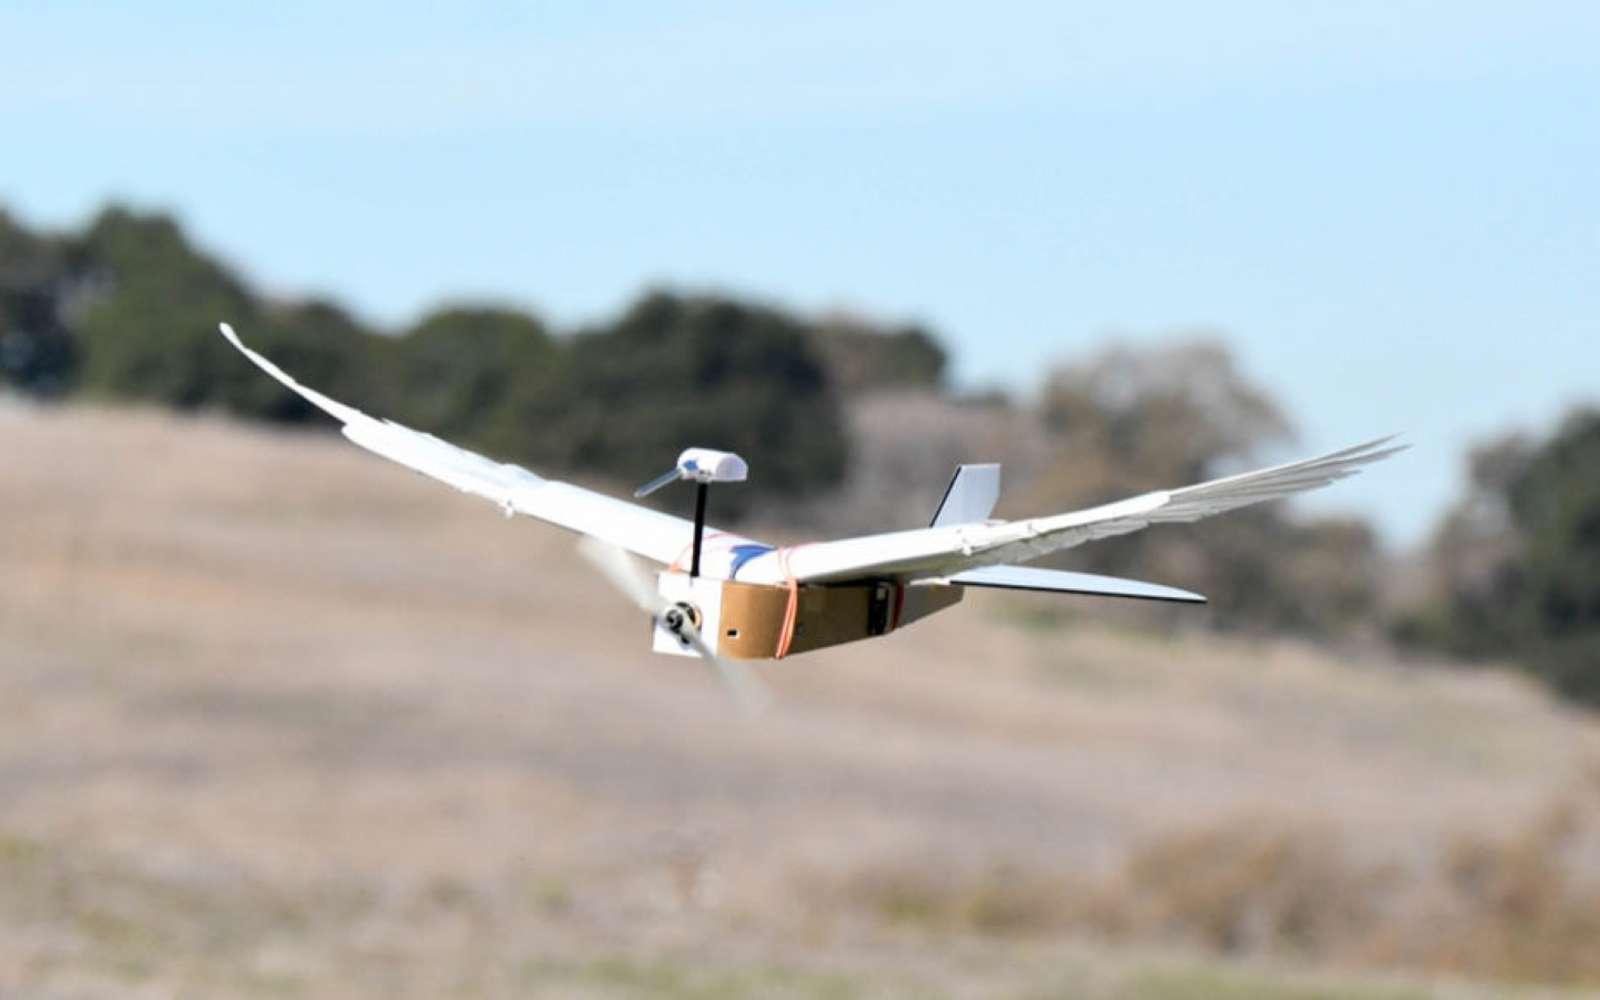 Constitué de véritables plumes de pigeon, ce drone est capable de changer la forme de ses ailes comme un oiseau. Il peut déployer ses plumes ou en les resserrer. © Lentink Lab, Stanford univ.